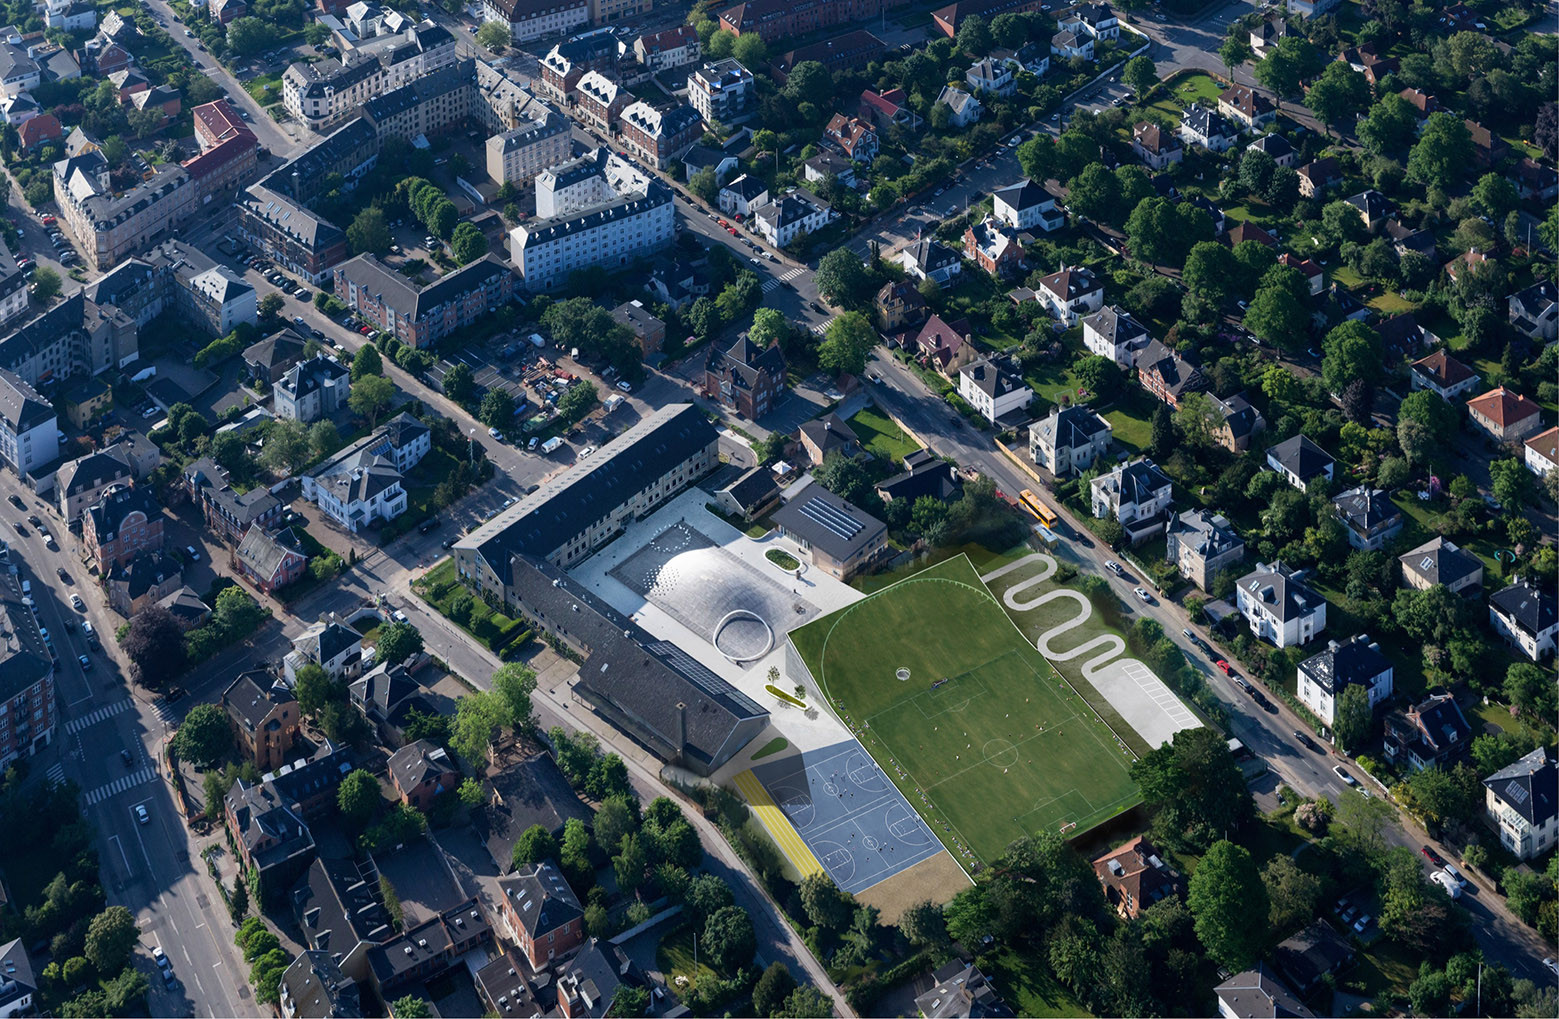 Expansión de Deportes y Artes en la Secundaria Gammel Hellerup / BIG, © Iwan Baan